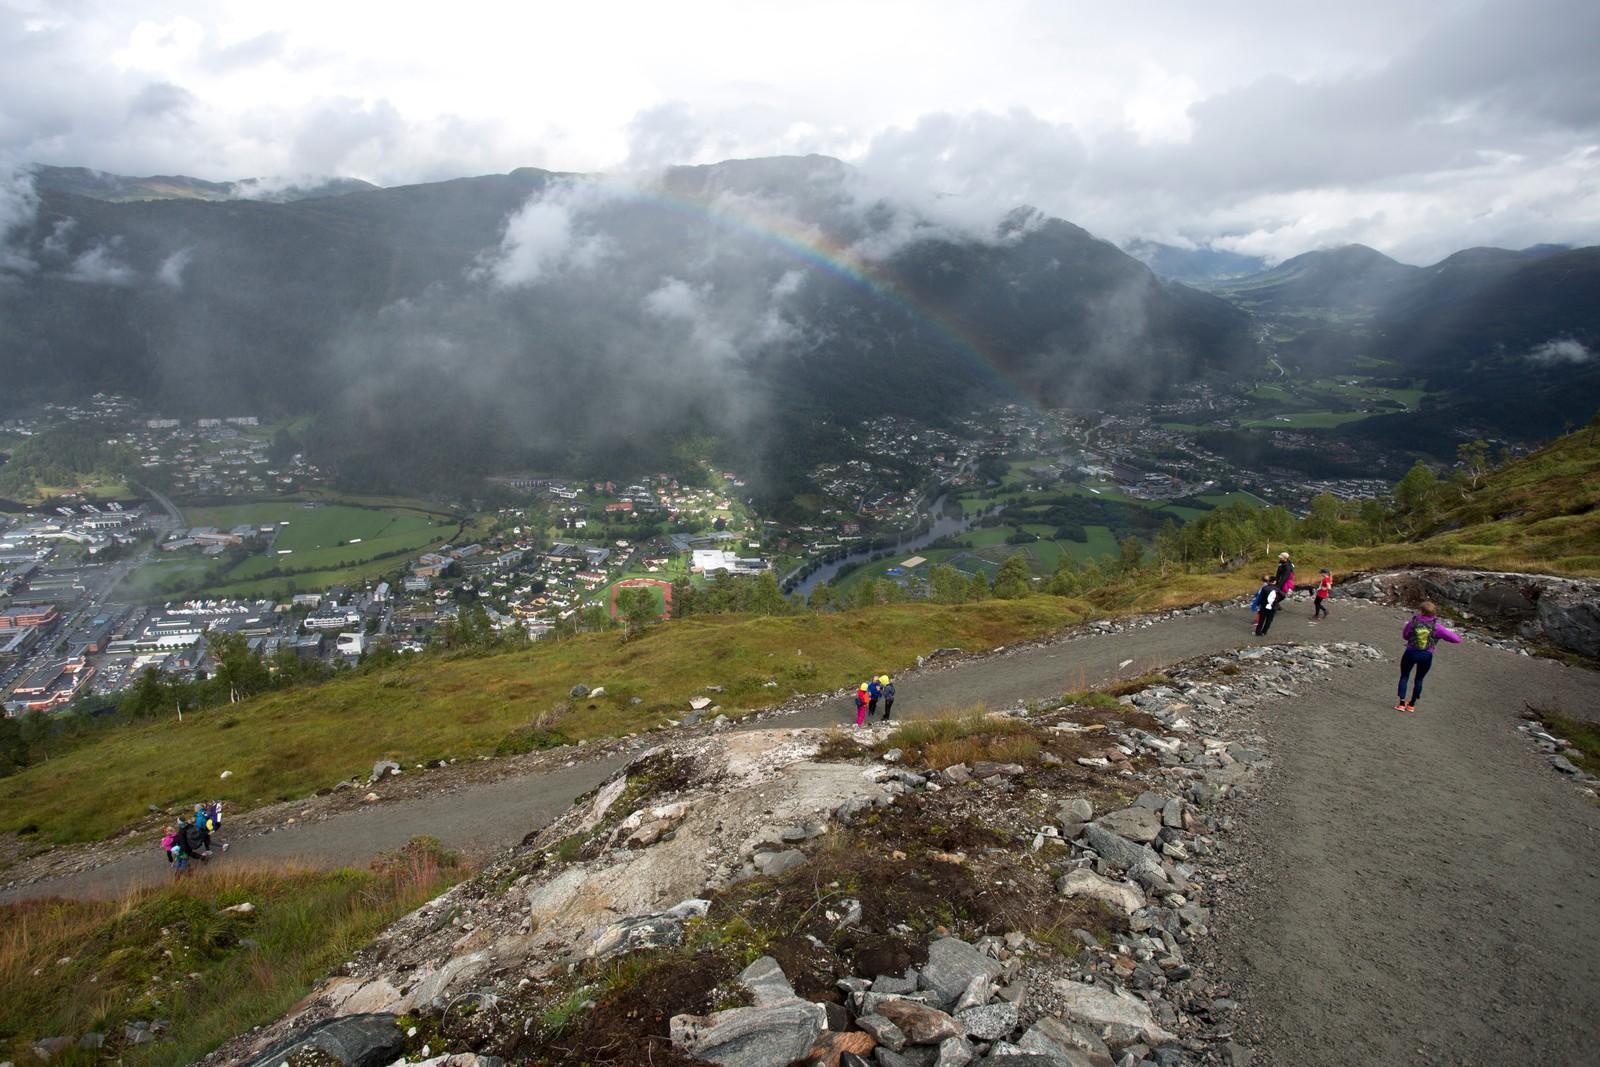 Godvêret møtte ikkje tilskodarar og deltakarar før på veg ned att frå fjellet